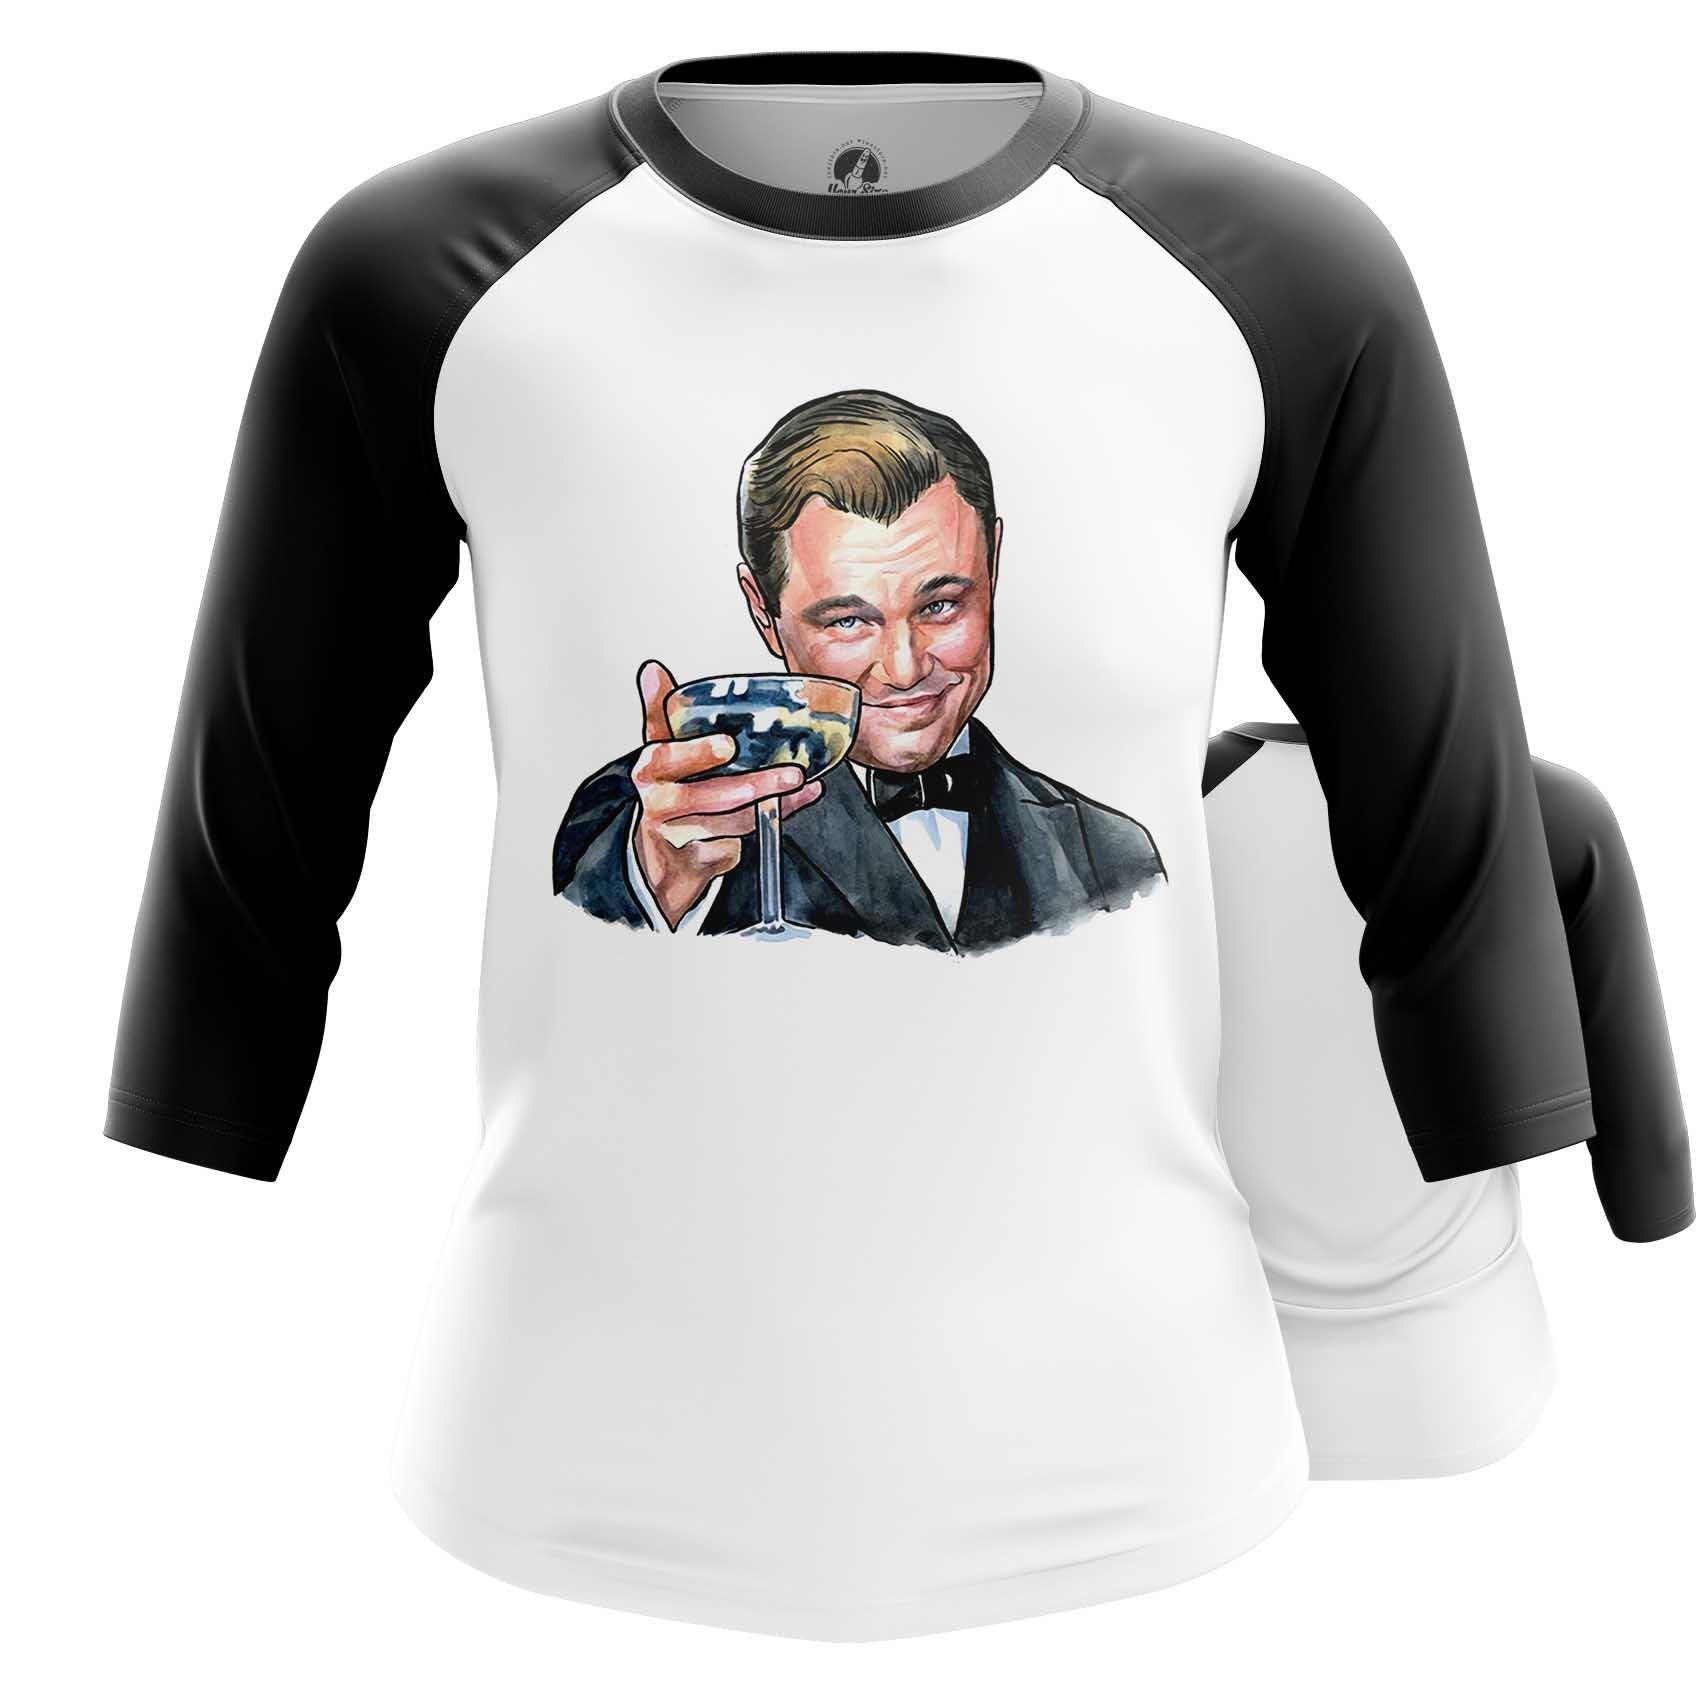 Merchandise Women'S T-Shirt Great Gatsby Merch Top